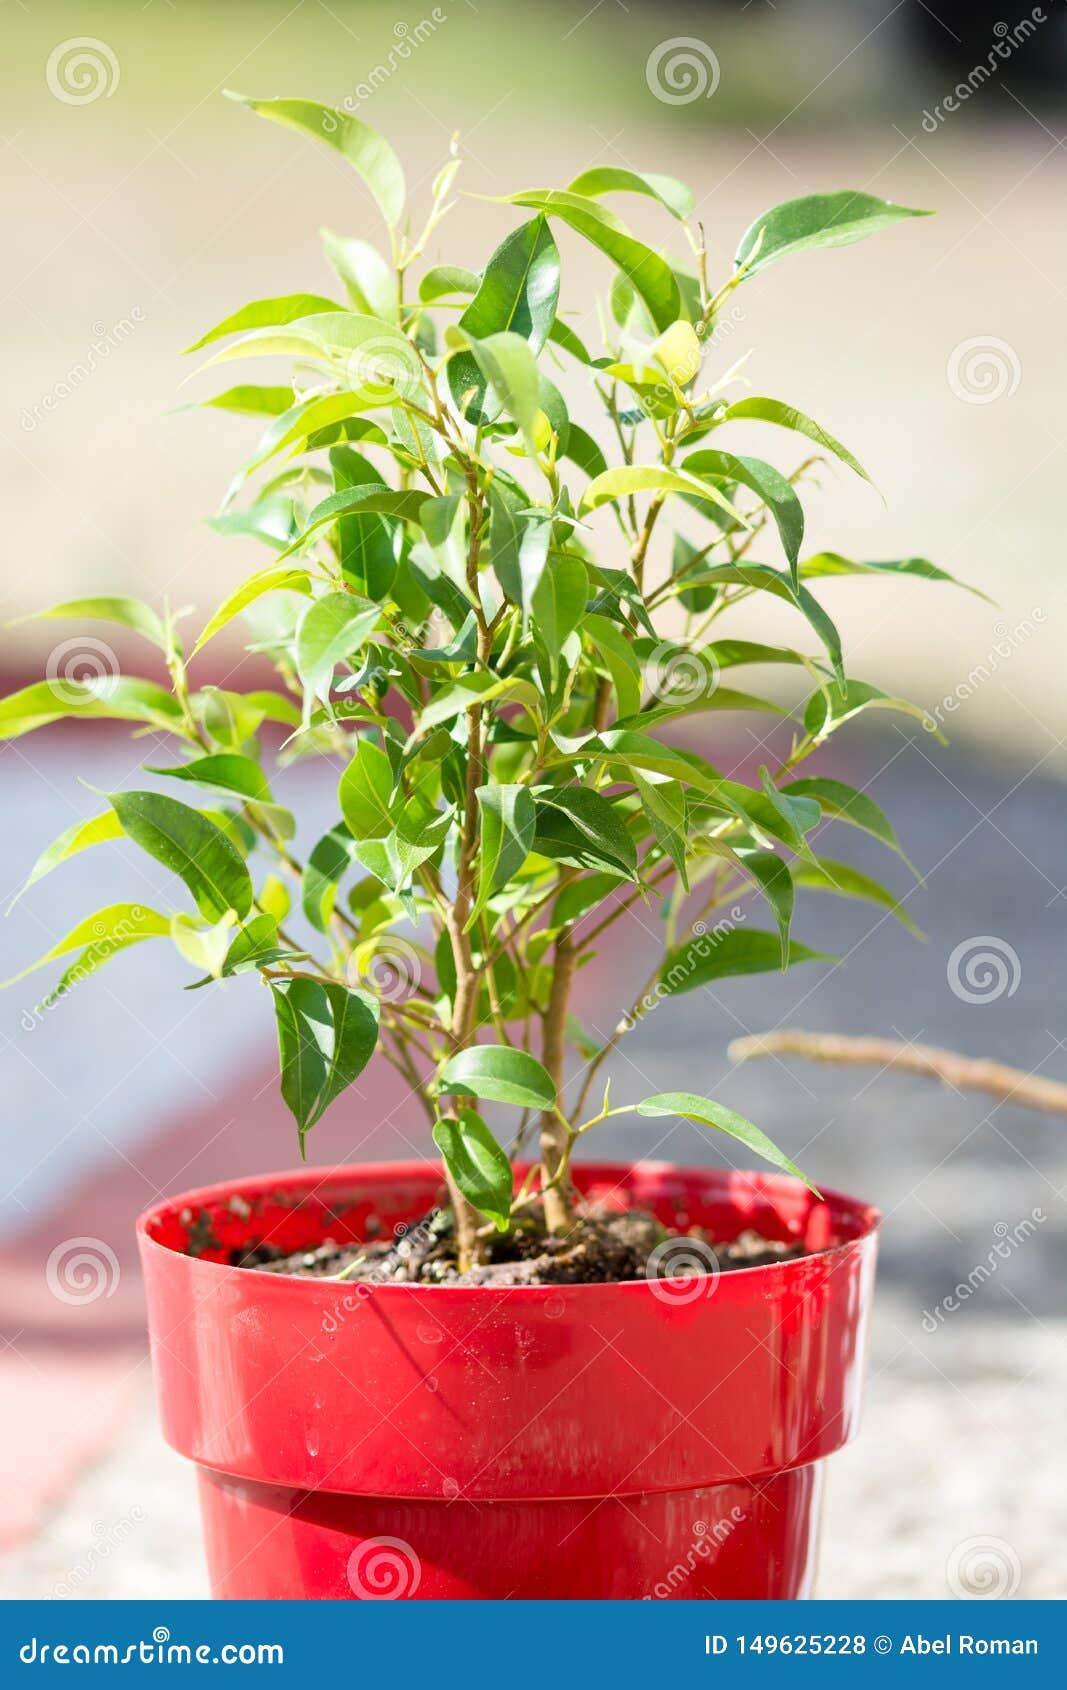 Πράσινο φυτό με πολλά φύλλα σε ένα κόκκινο δοχείο